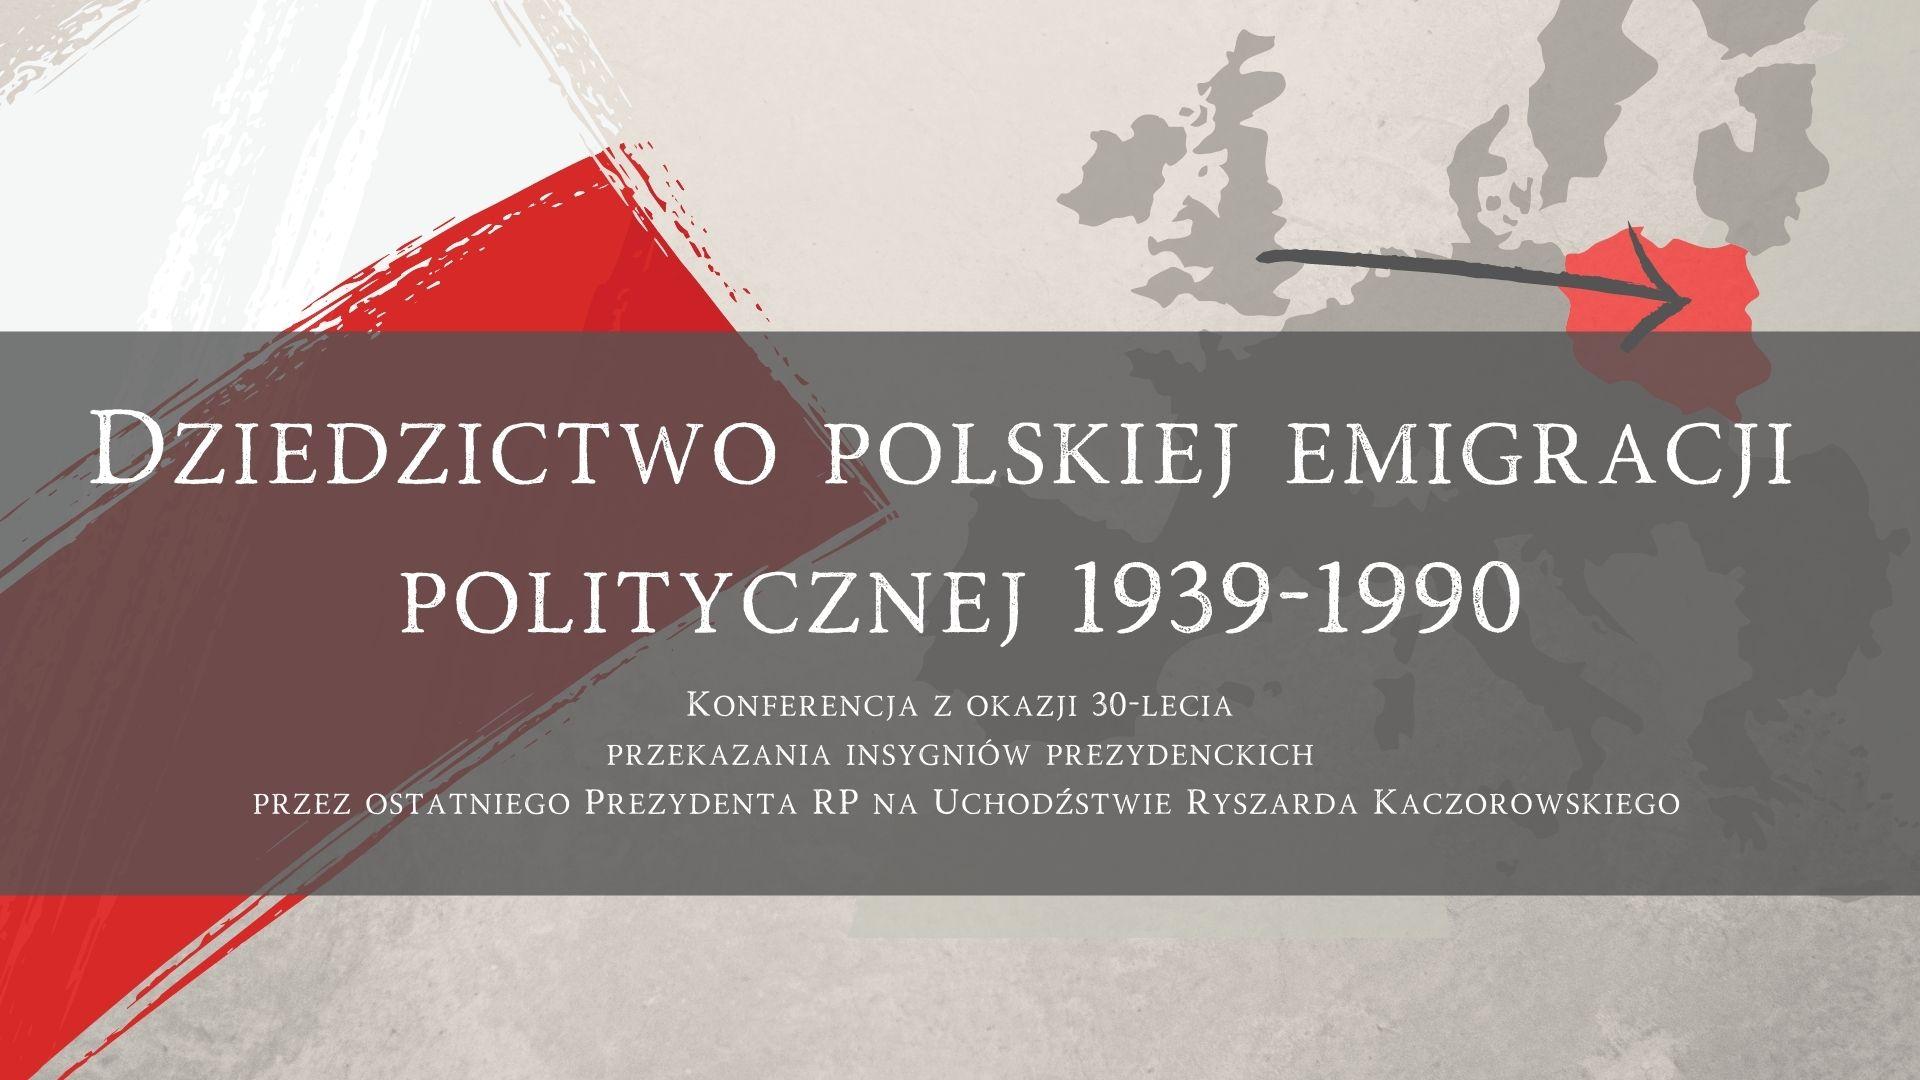 Dziedzictwo polskiej emigracji politycznej 1939-1990 – zapis konferencji